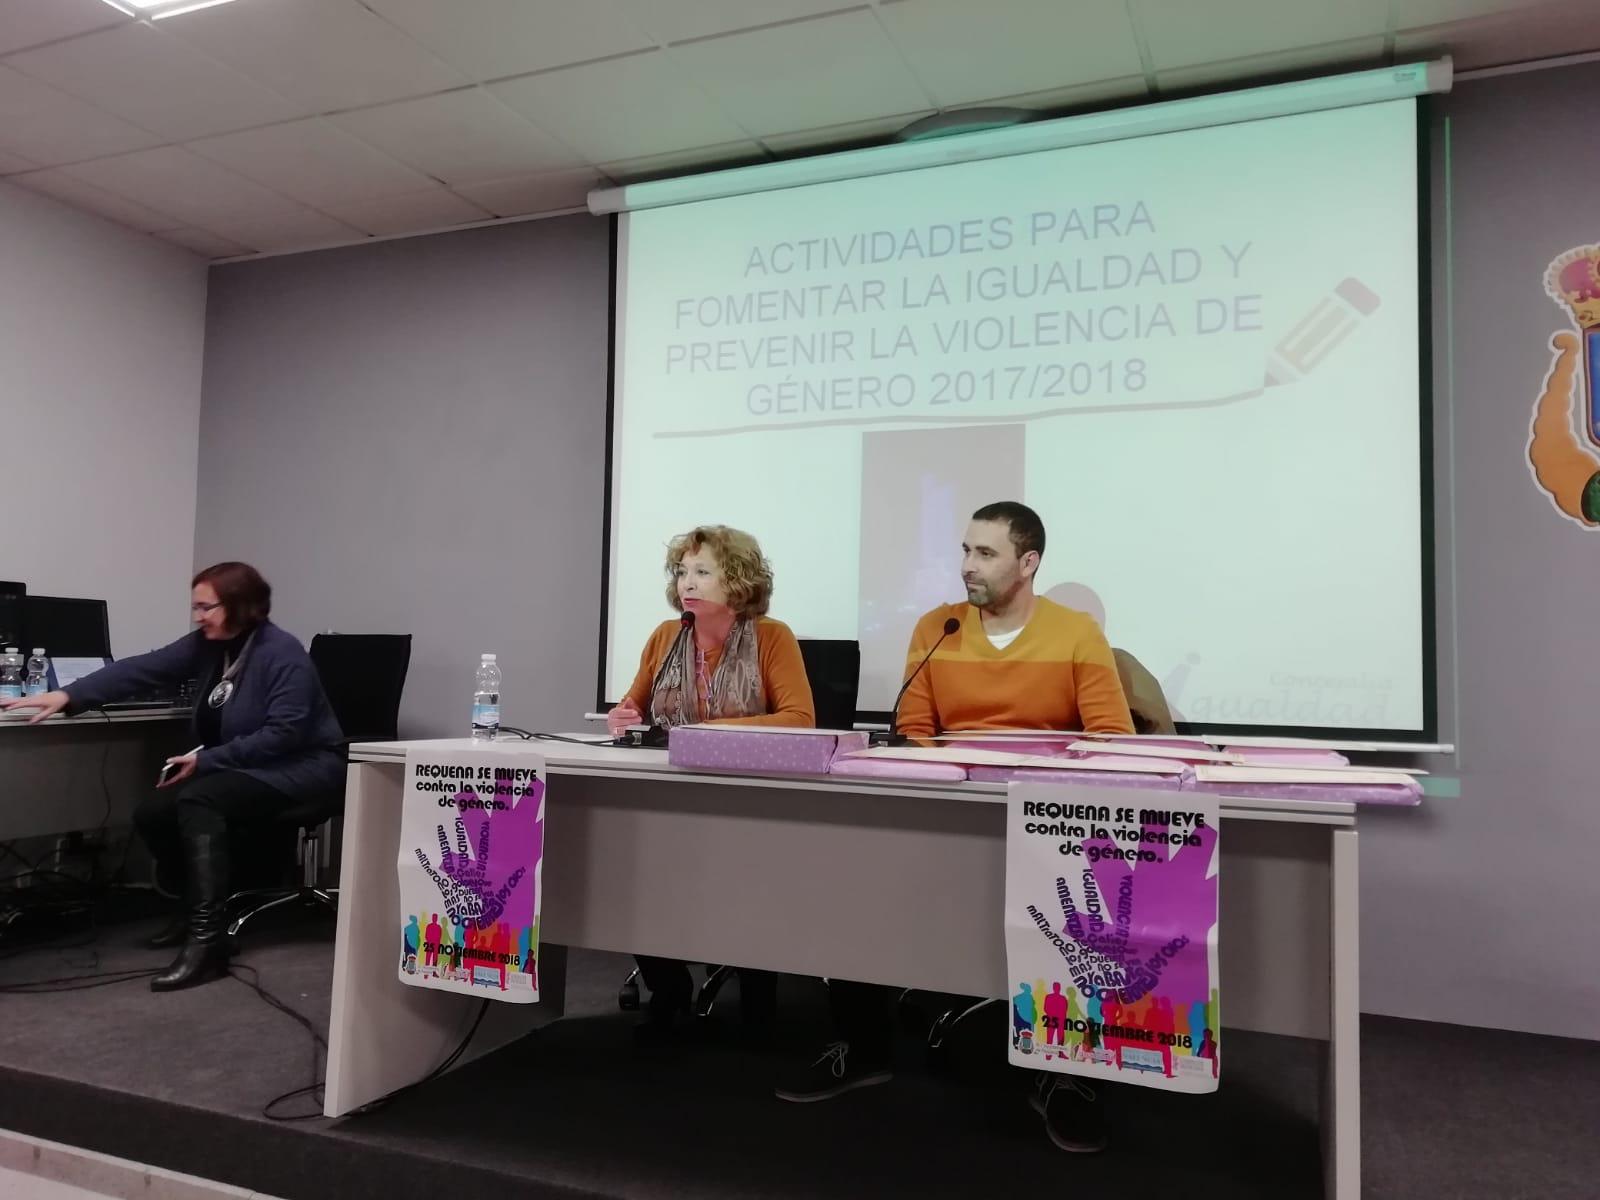 Actividad promovida por la Concejalía de Igualdad dentro de la campaña contra la Violencia de Género.